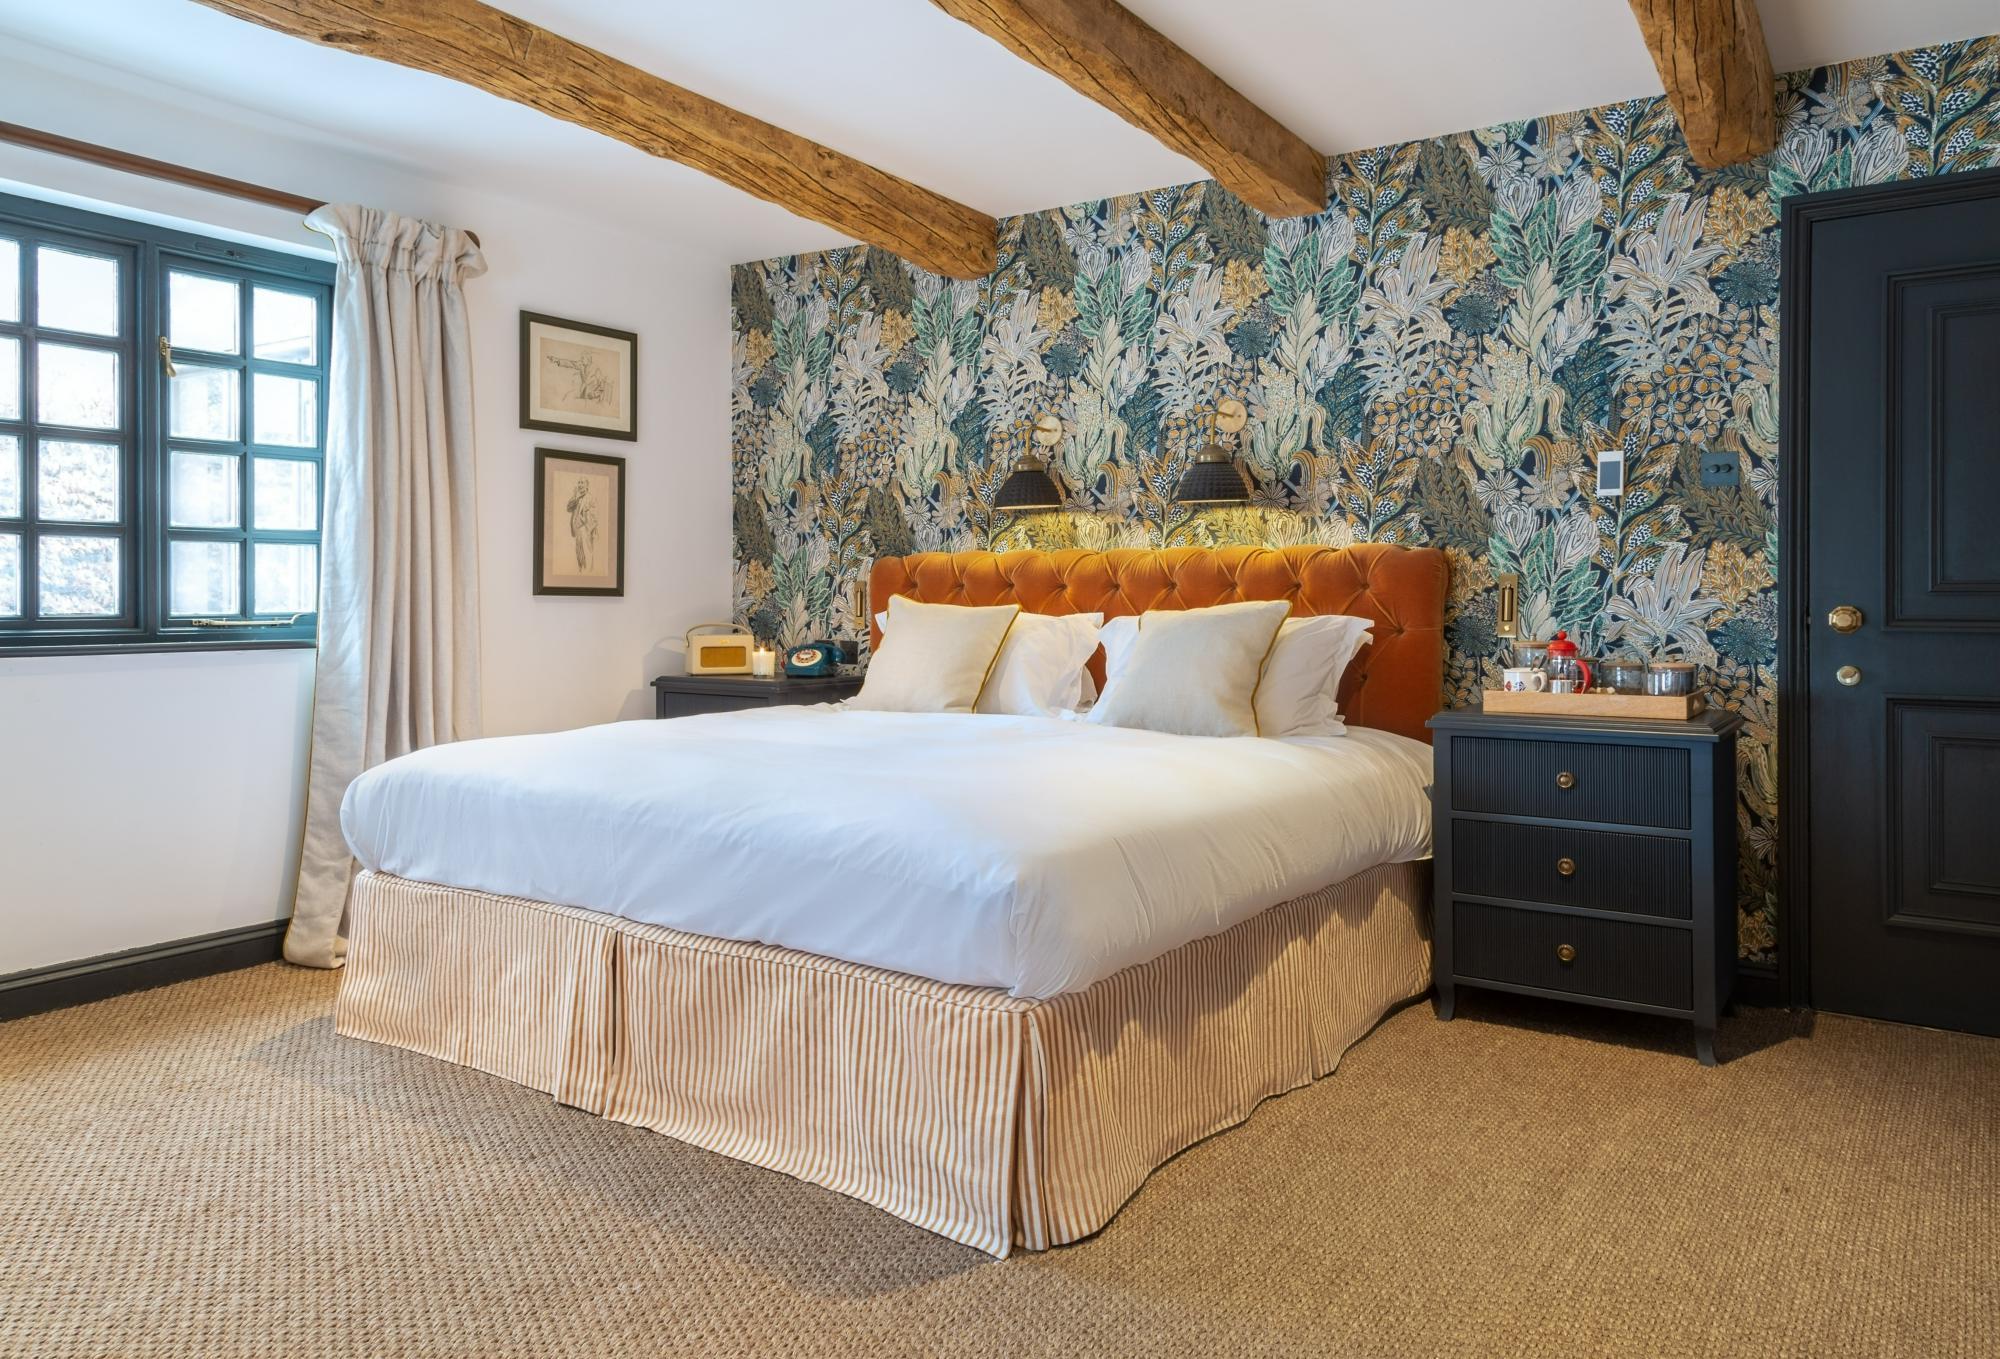 Boutique Hotels - best UK boutique hotels - Cool Places